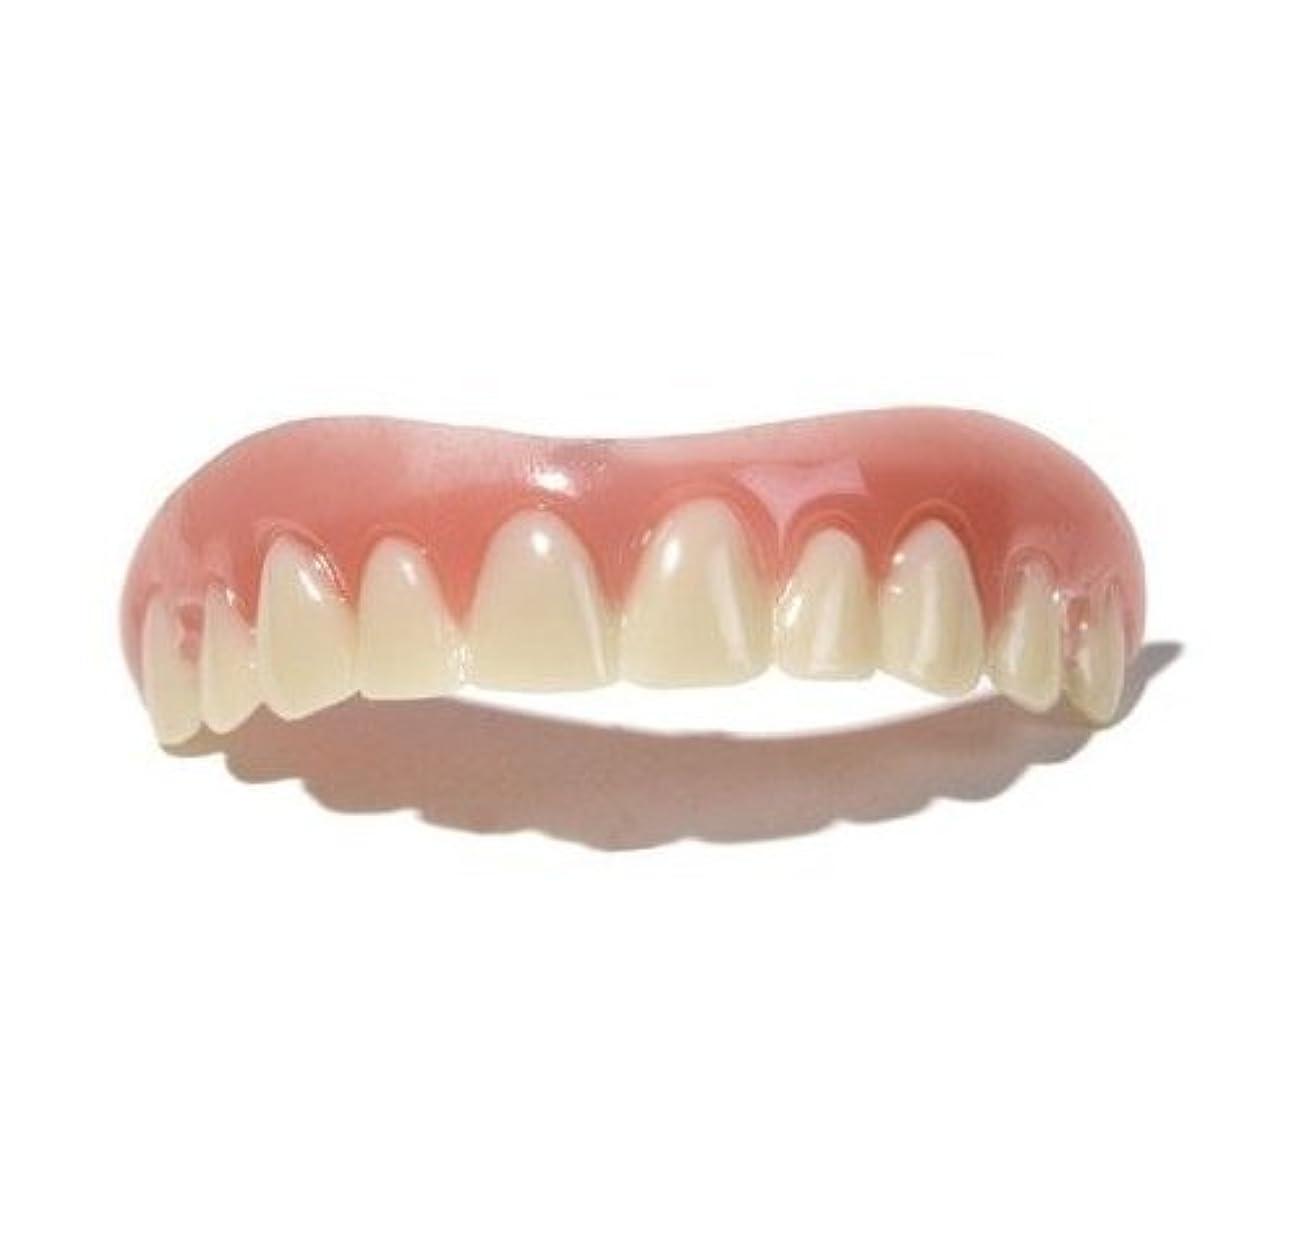 看板損なうクラックインスタント 美容 つけ歯 上歯(free size (Medium)) [並行輸入品]